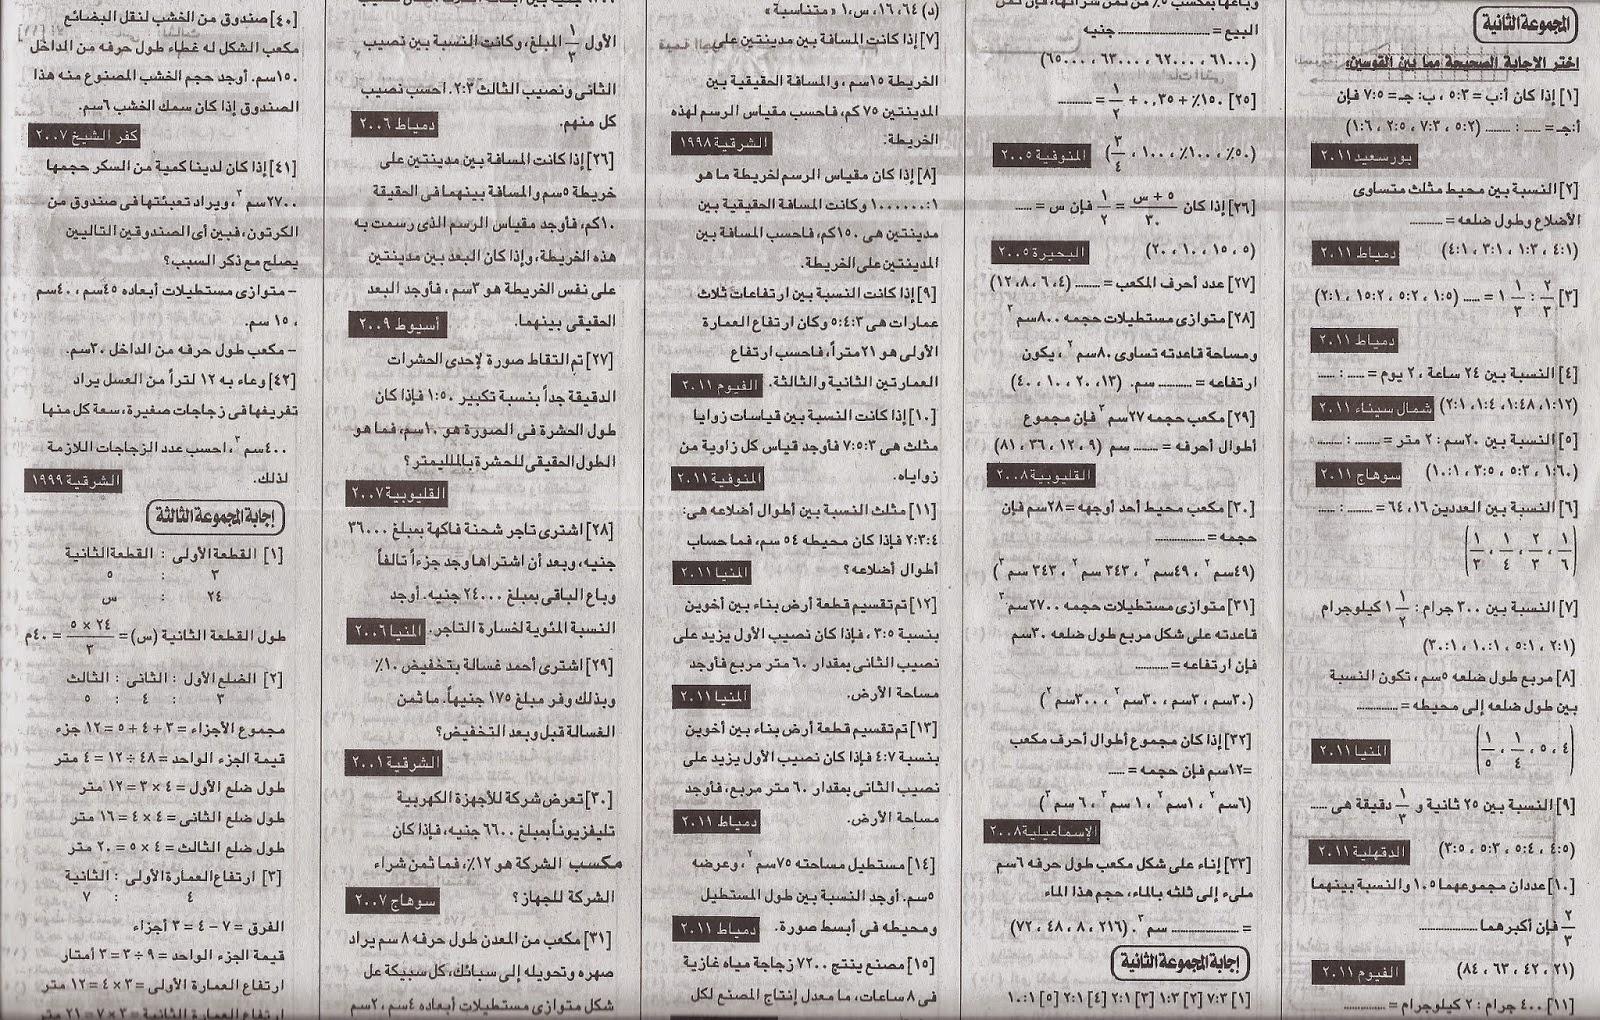 كل مراجعات ملاحق الجمهورية للترم الأول 2015 للشهادة الإبتدائية المنهاج المصري scan0059.jpg